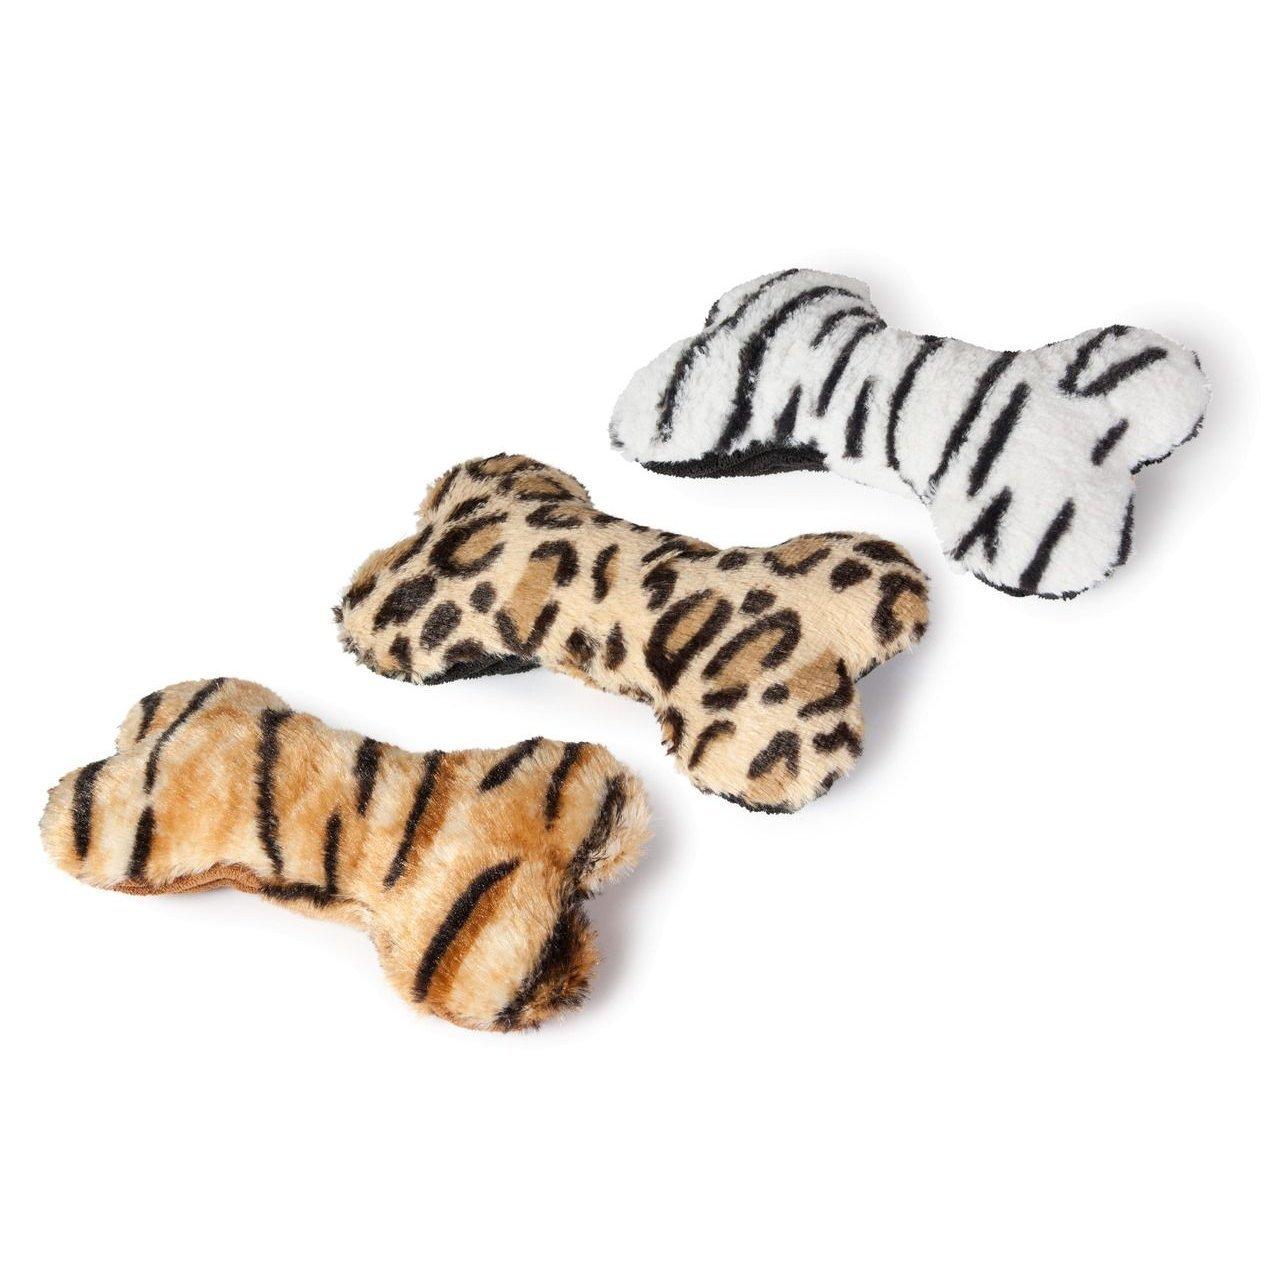 Karlie Plüschknochen Safari für Hunde